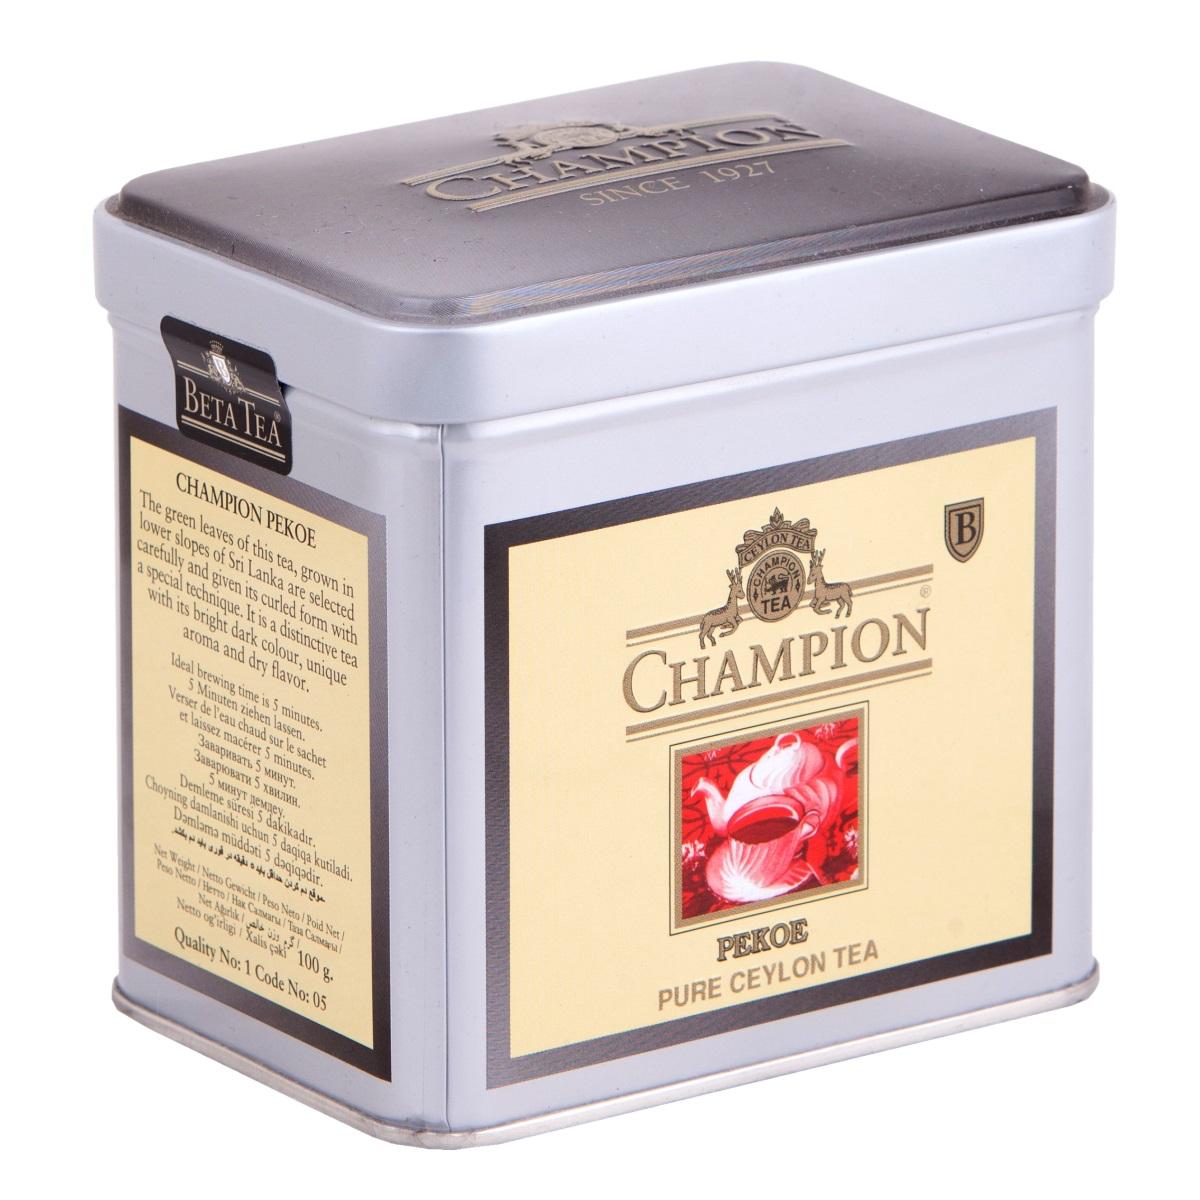 Champion Пеко черный листовой чай, 100 г (металлическая банка)8690717005270Чай Champion Пеко с богатым вкусом, прозрачным и золотистым цветом дает возможность любителям чая оценить настоящий вкус напитка. Чай этого сорта выращивается на плантациях Шри-Ланки. При его создании используется особая технология скручивания чайных листочков. Сочный насыщенный цвет, богатый аромат и терпкость - его отличительные характеристики.Всё о чае: сорта, факты, советы по выбору и употреблению. Статья OZON Гид